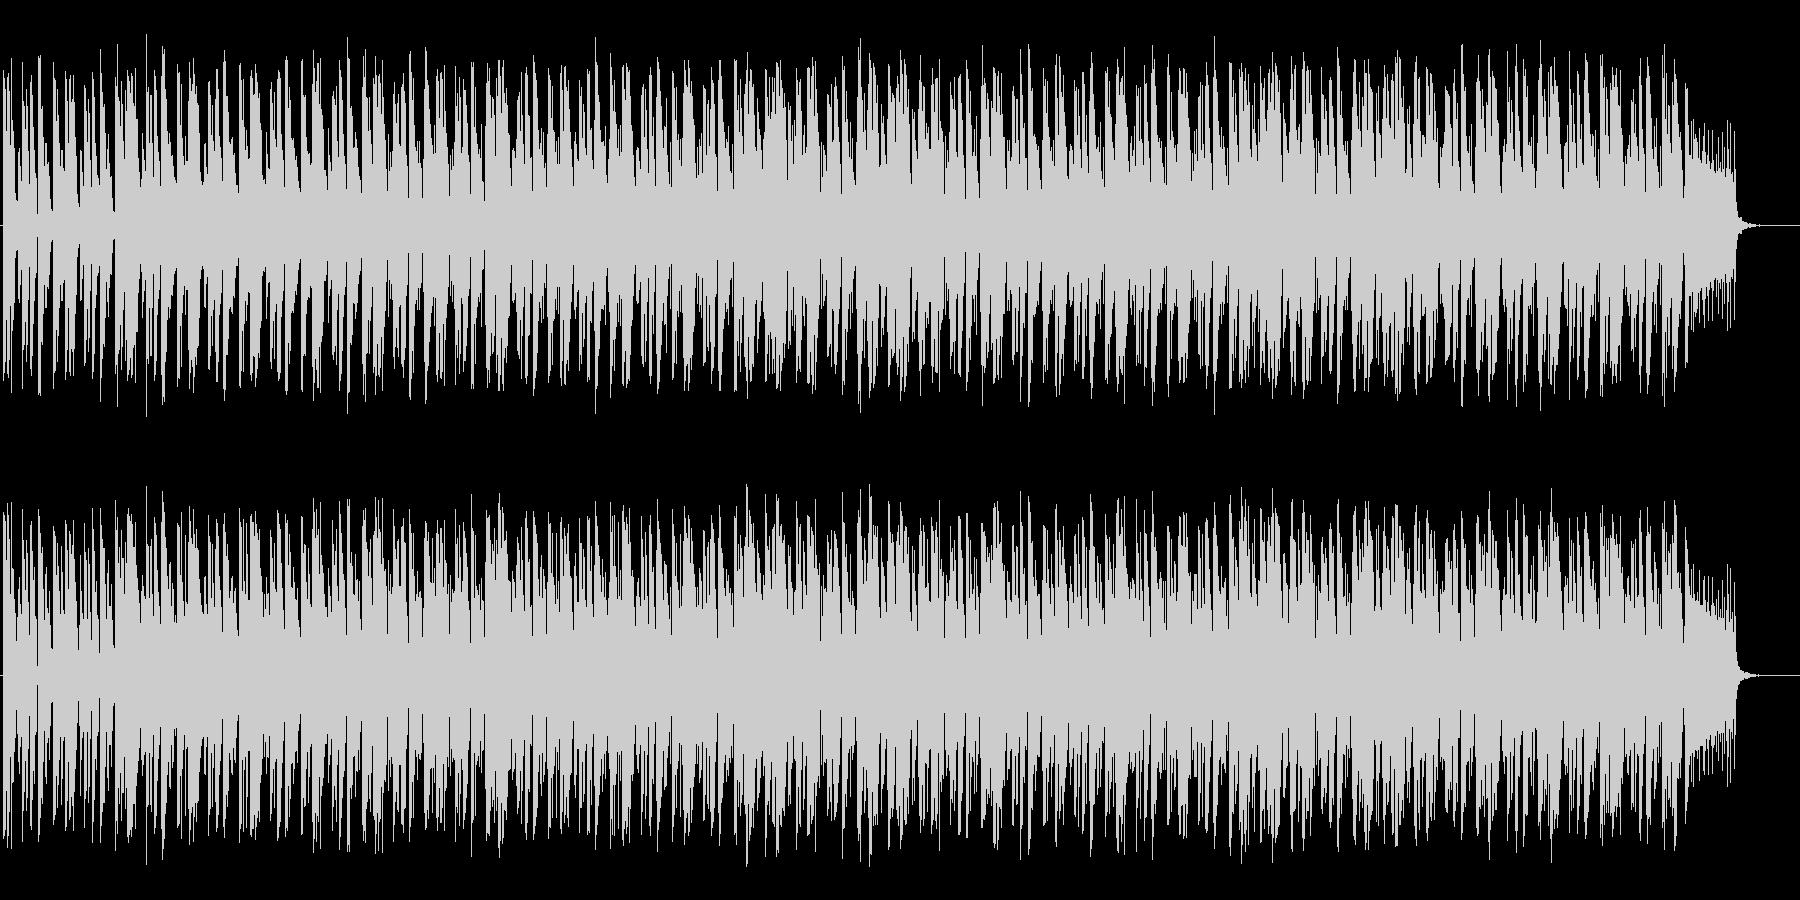 ダイナミックで躍動感のあるBGMの未再生の波形